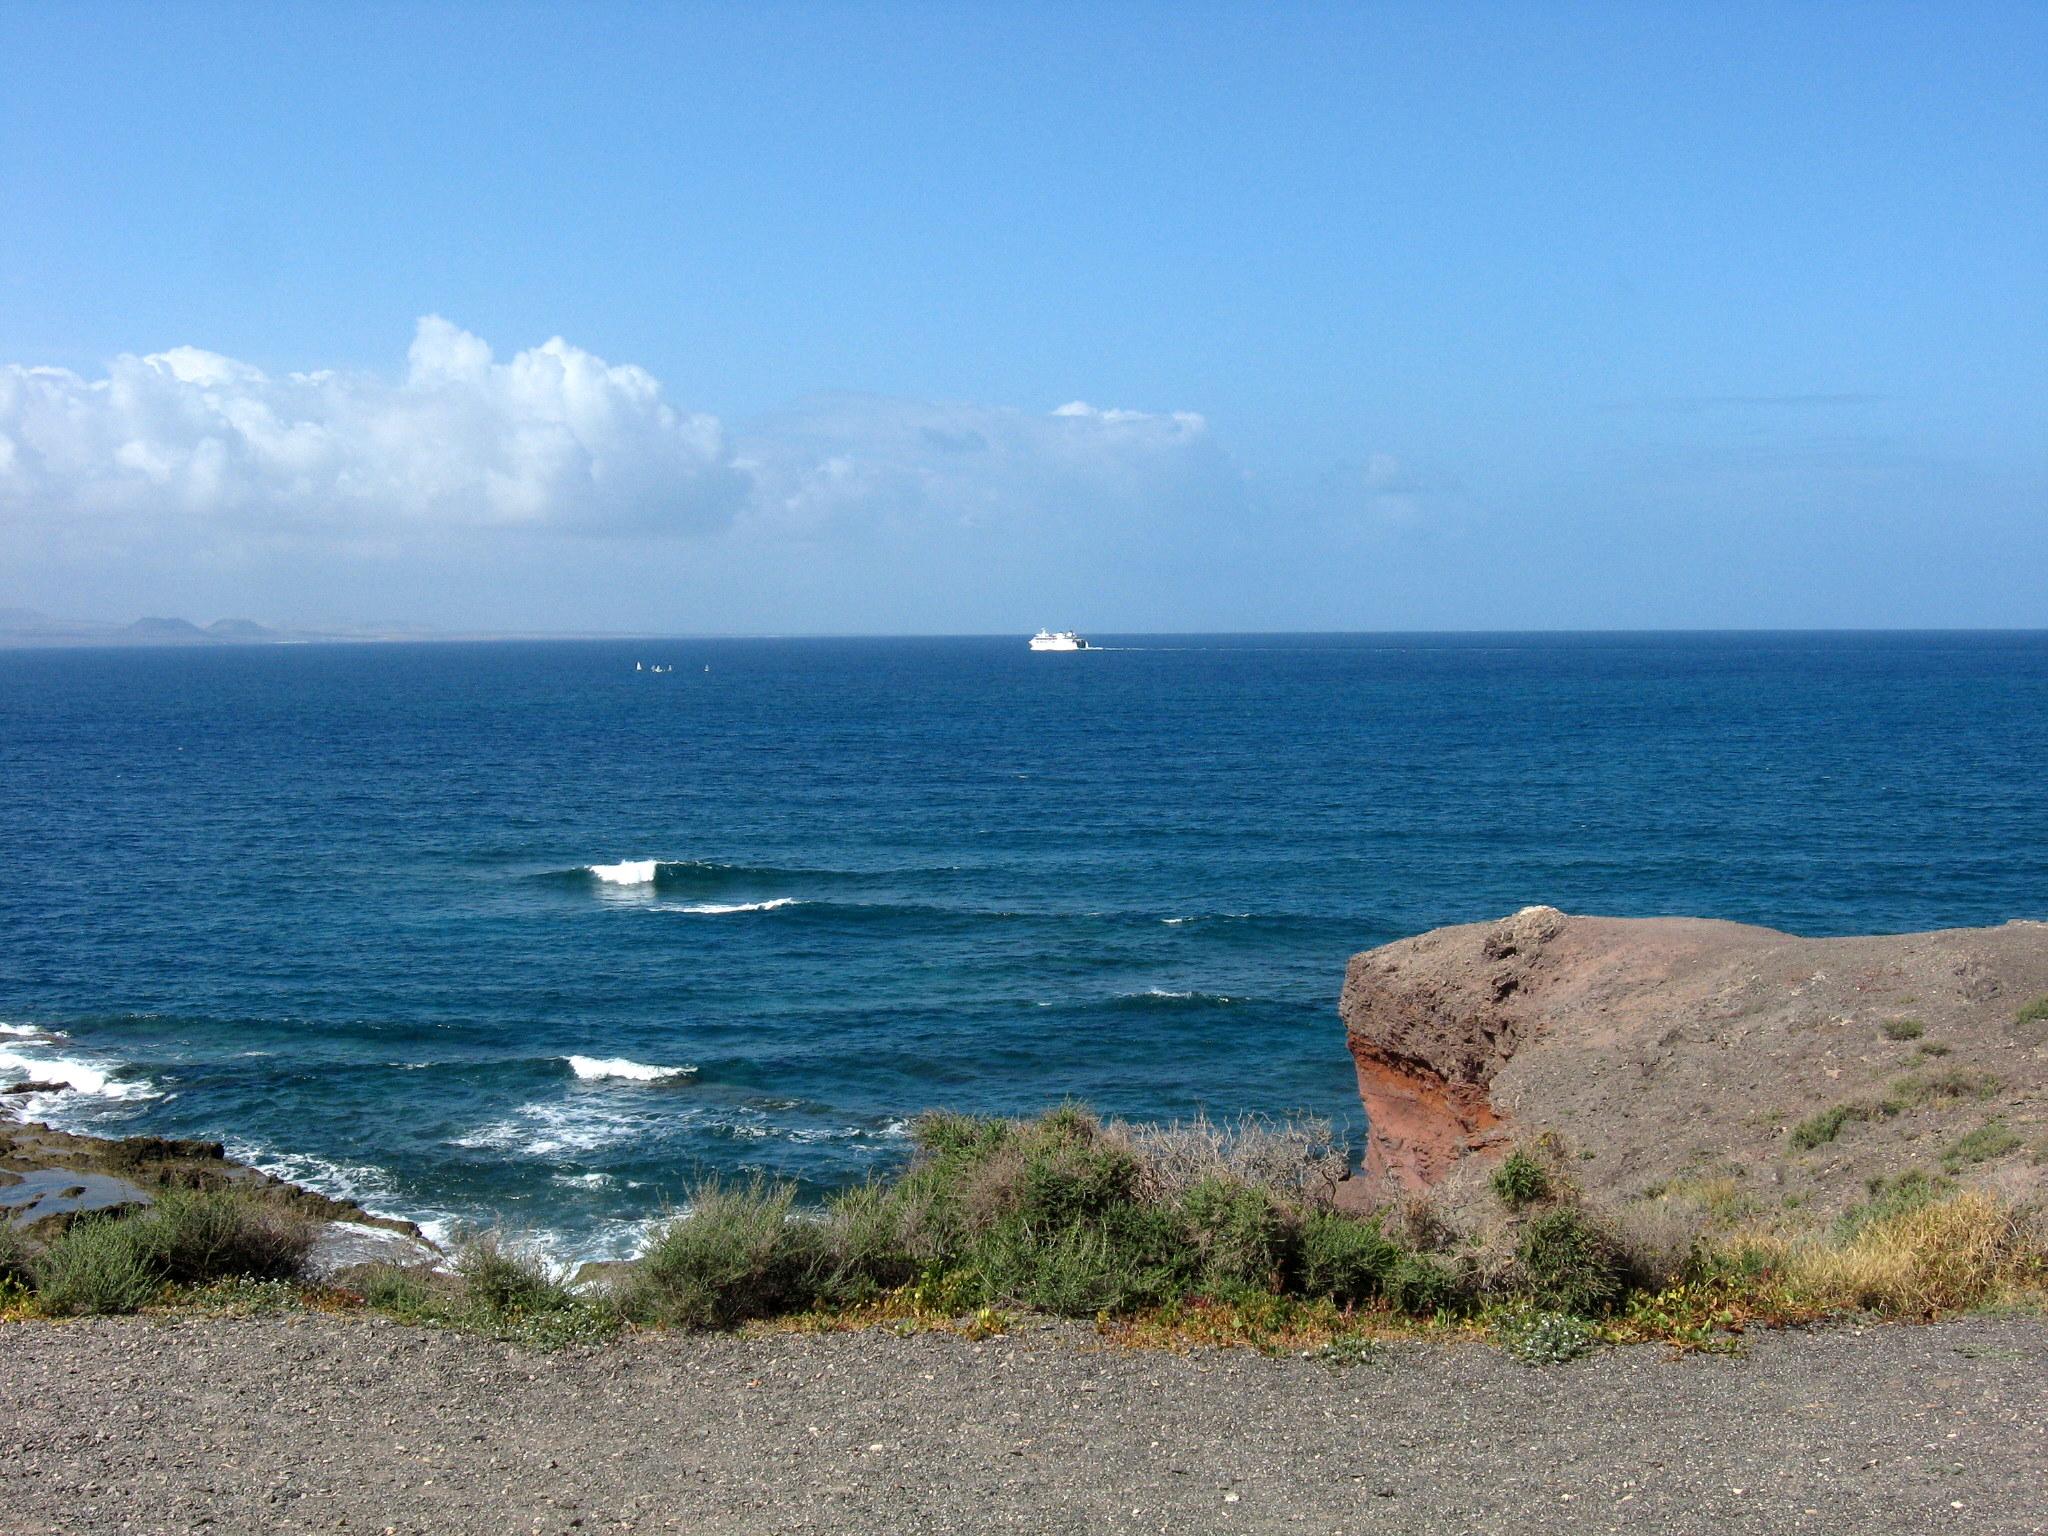 Familienurlaub an der Playa Blanca. Lanzarote. staedtereisen sonne familie europa  IMG 2548